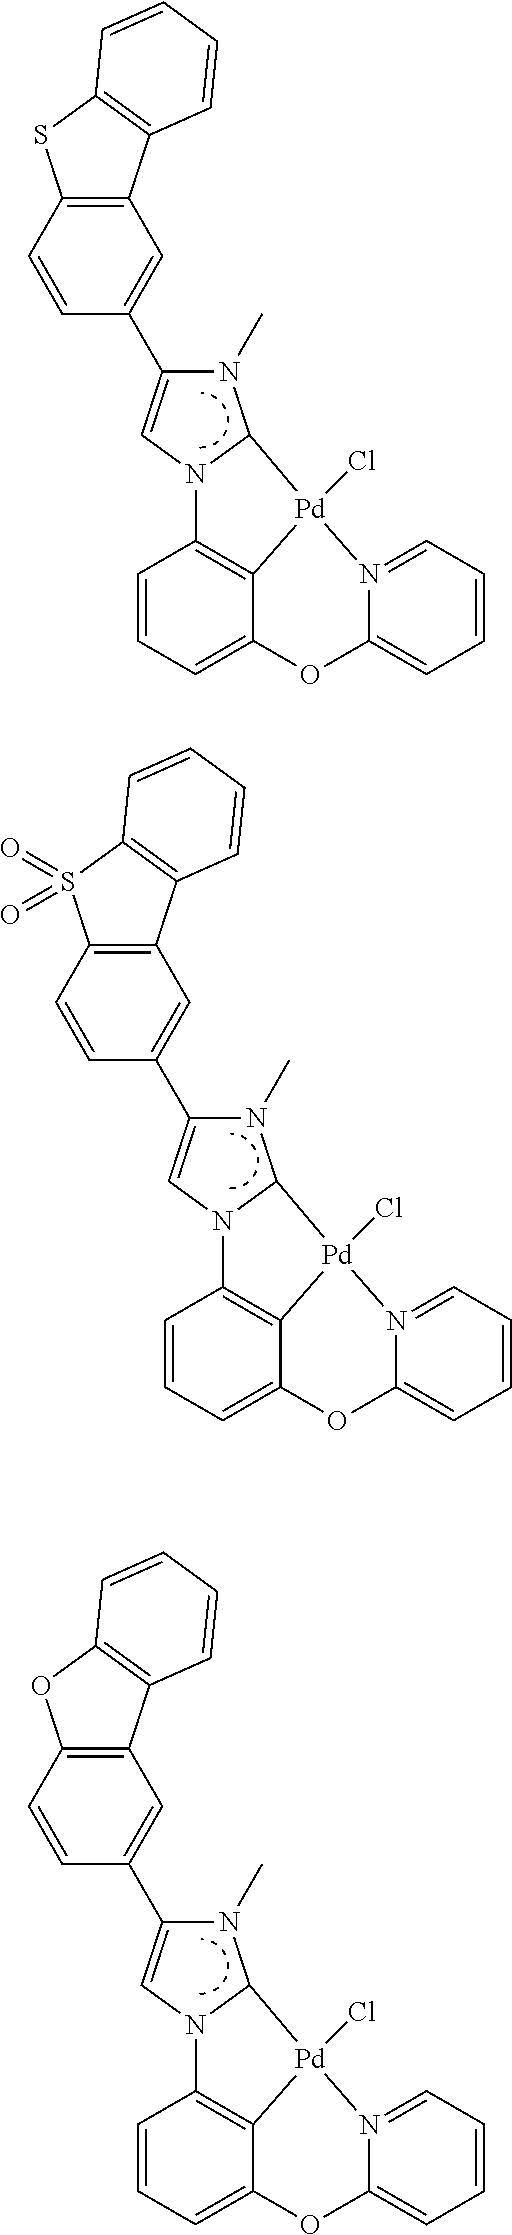 Figure US09818959-20171114-C00542